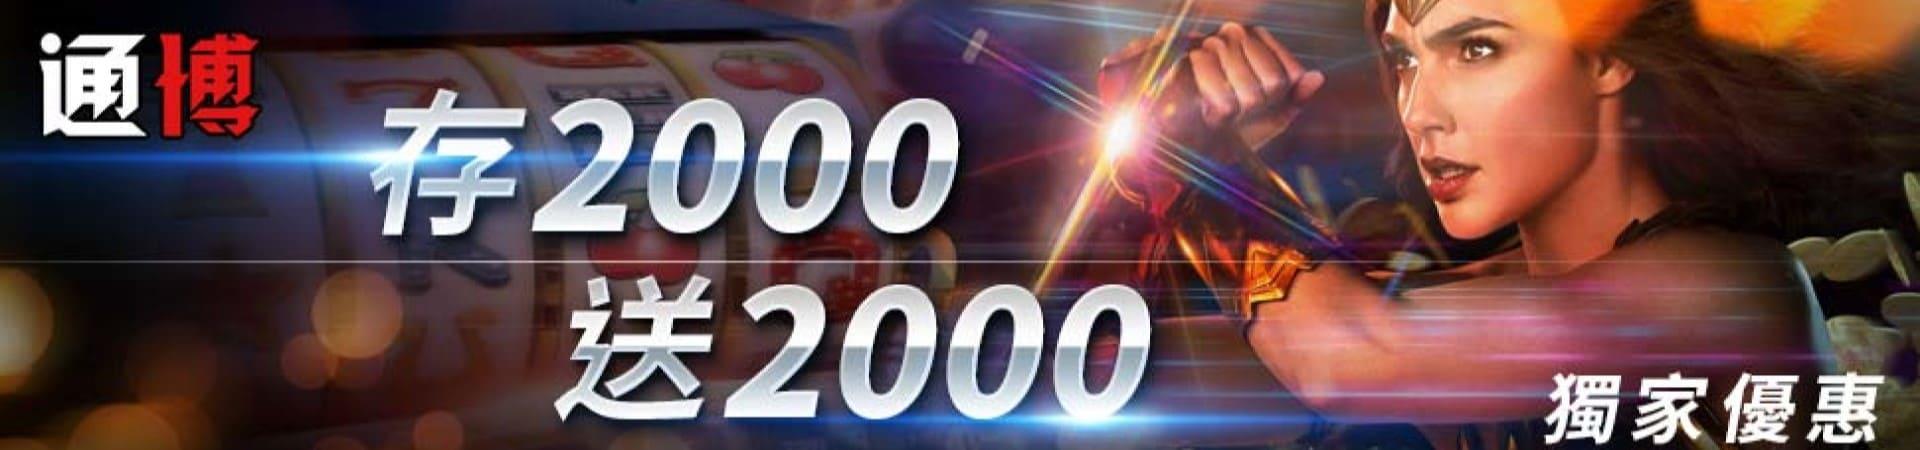 通博存2000送2000